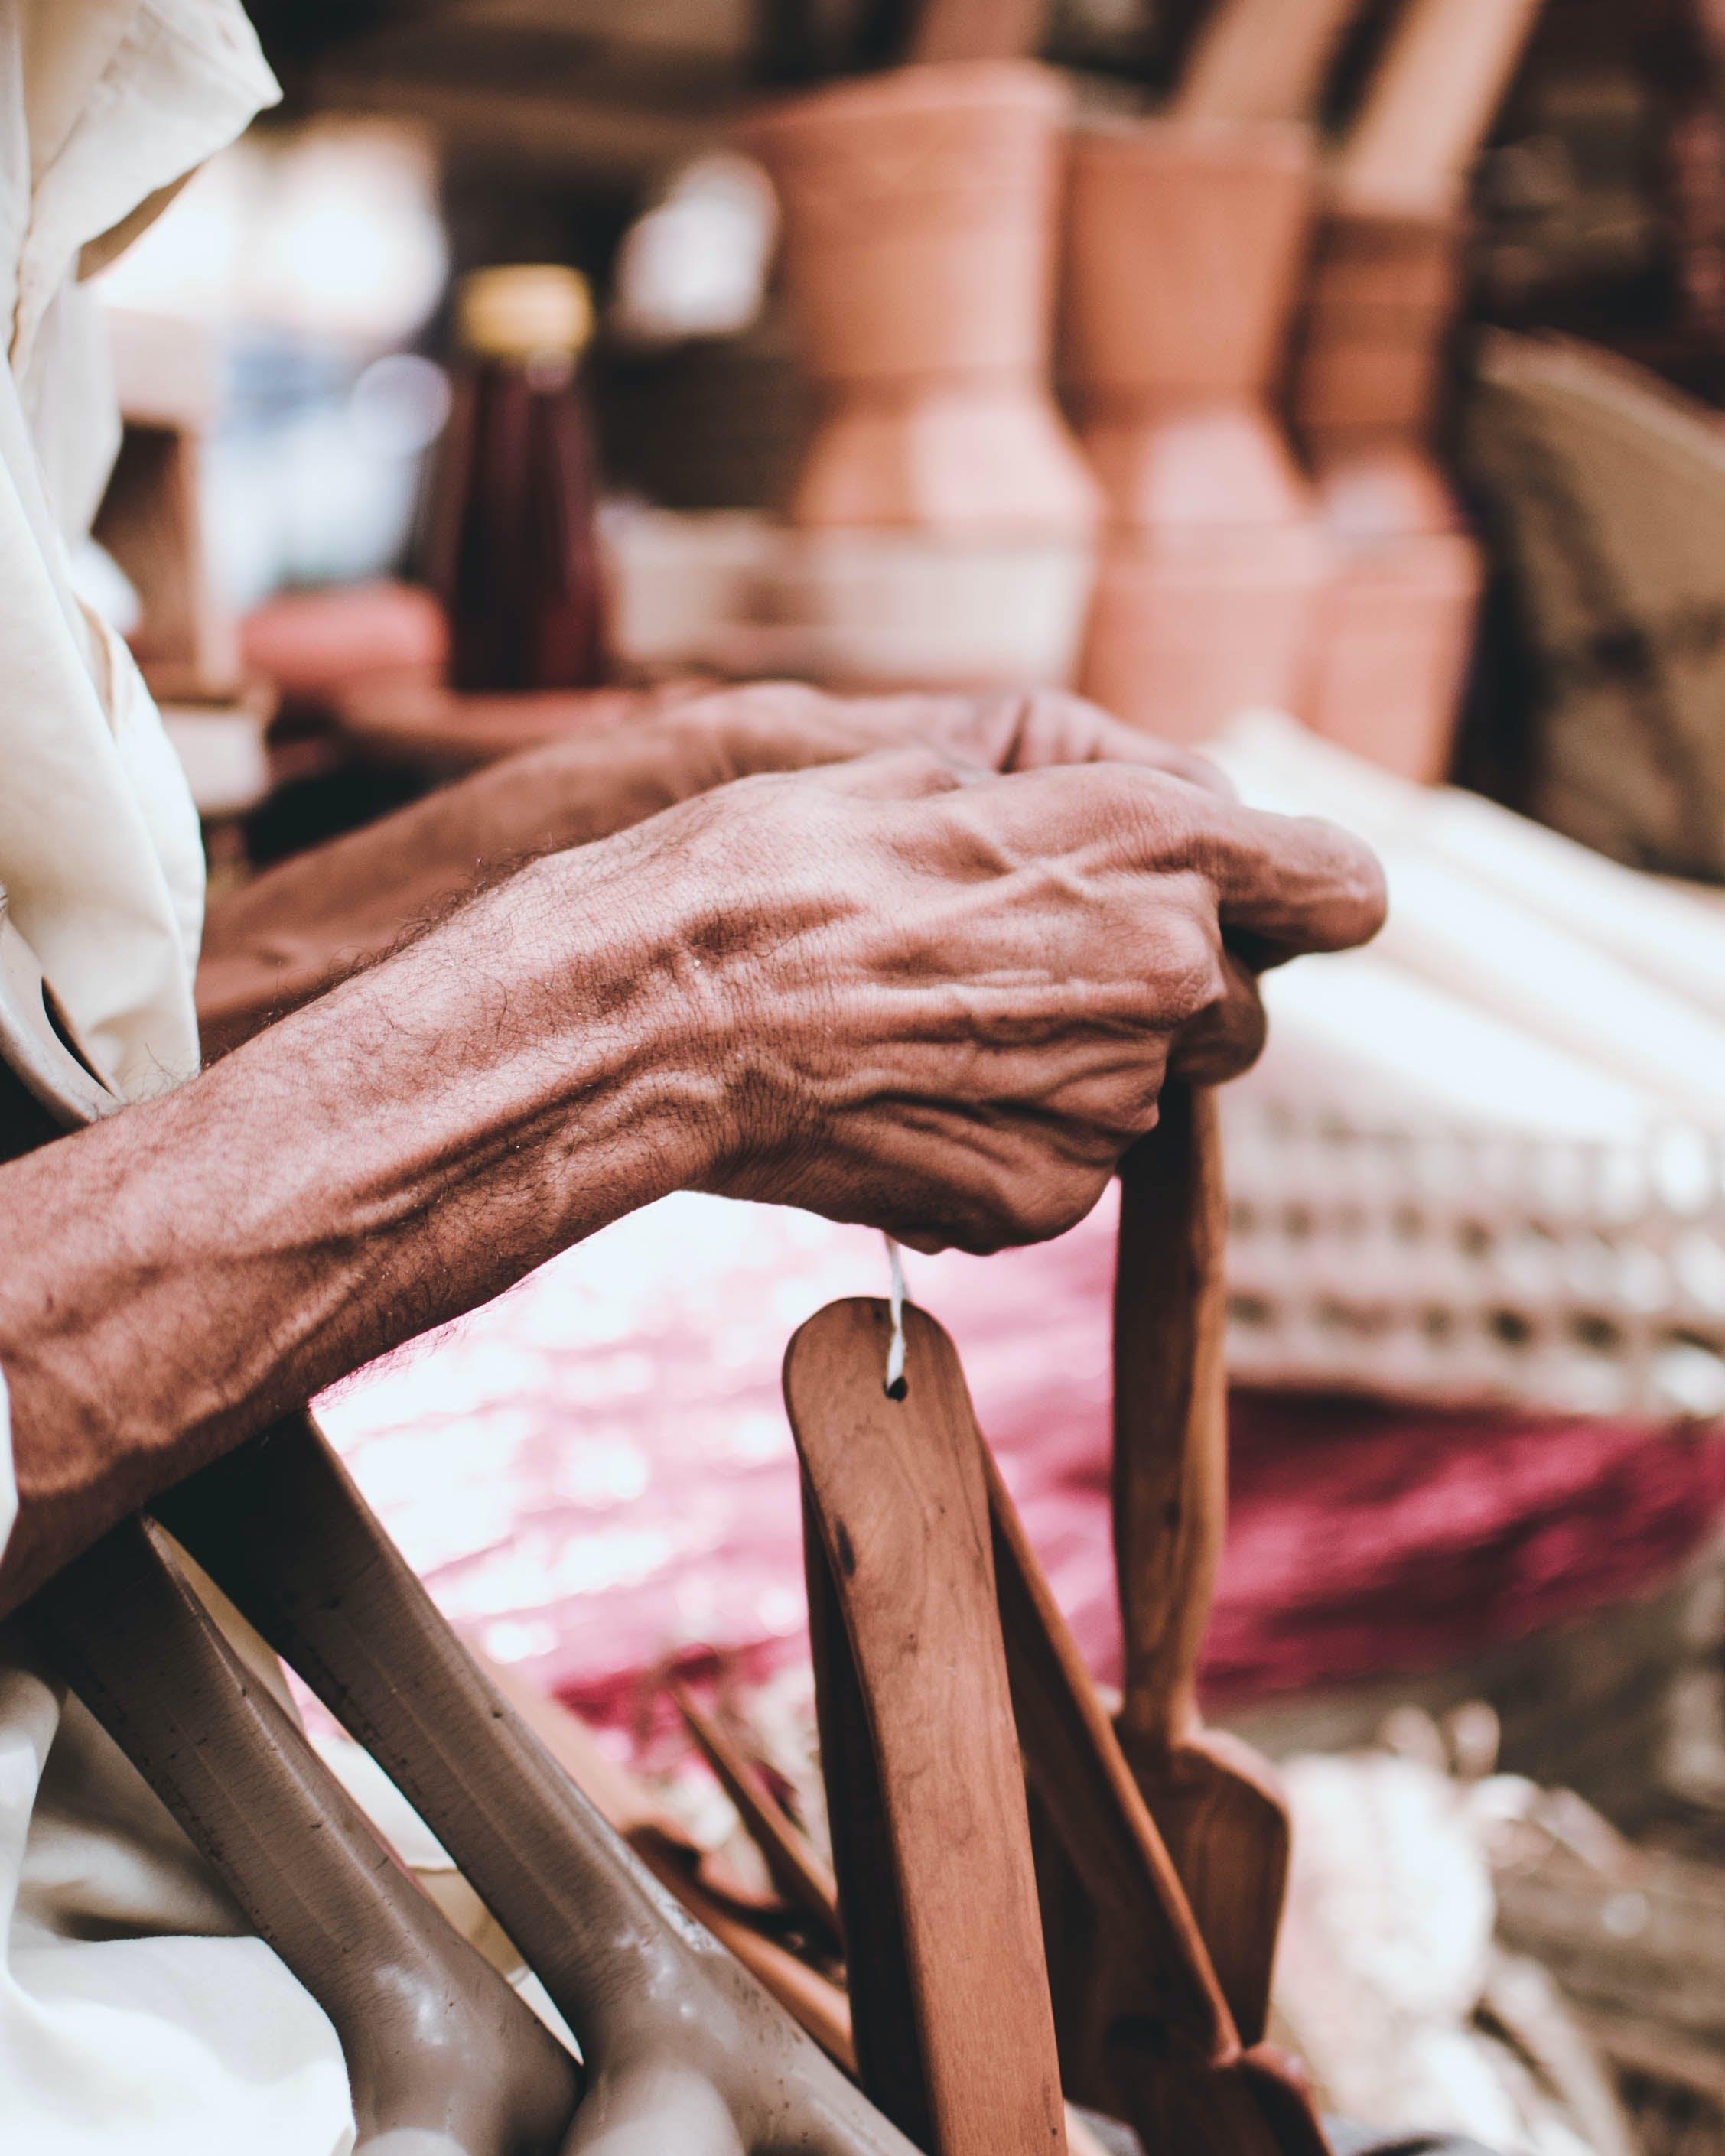 el sanatı, el yapımı, eller, indirim içeren Ücretsiz stok fotoğraf